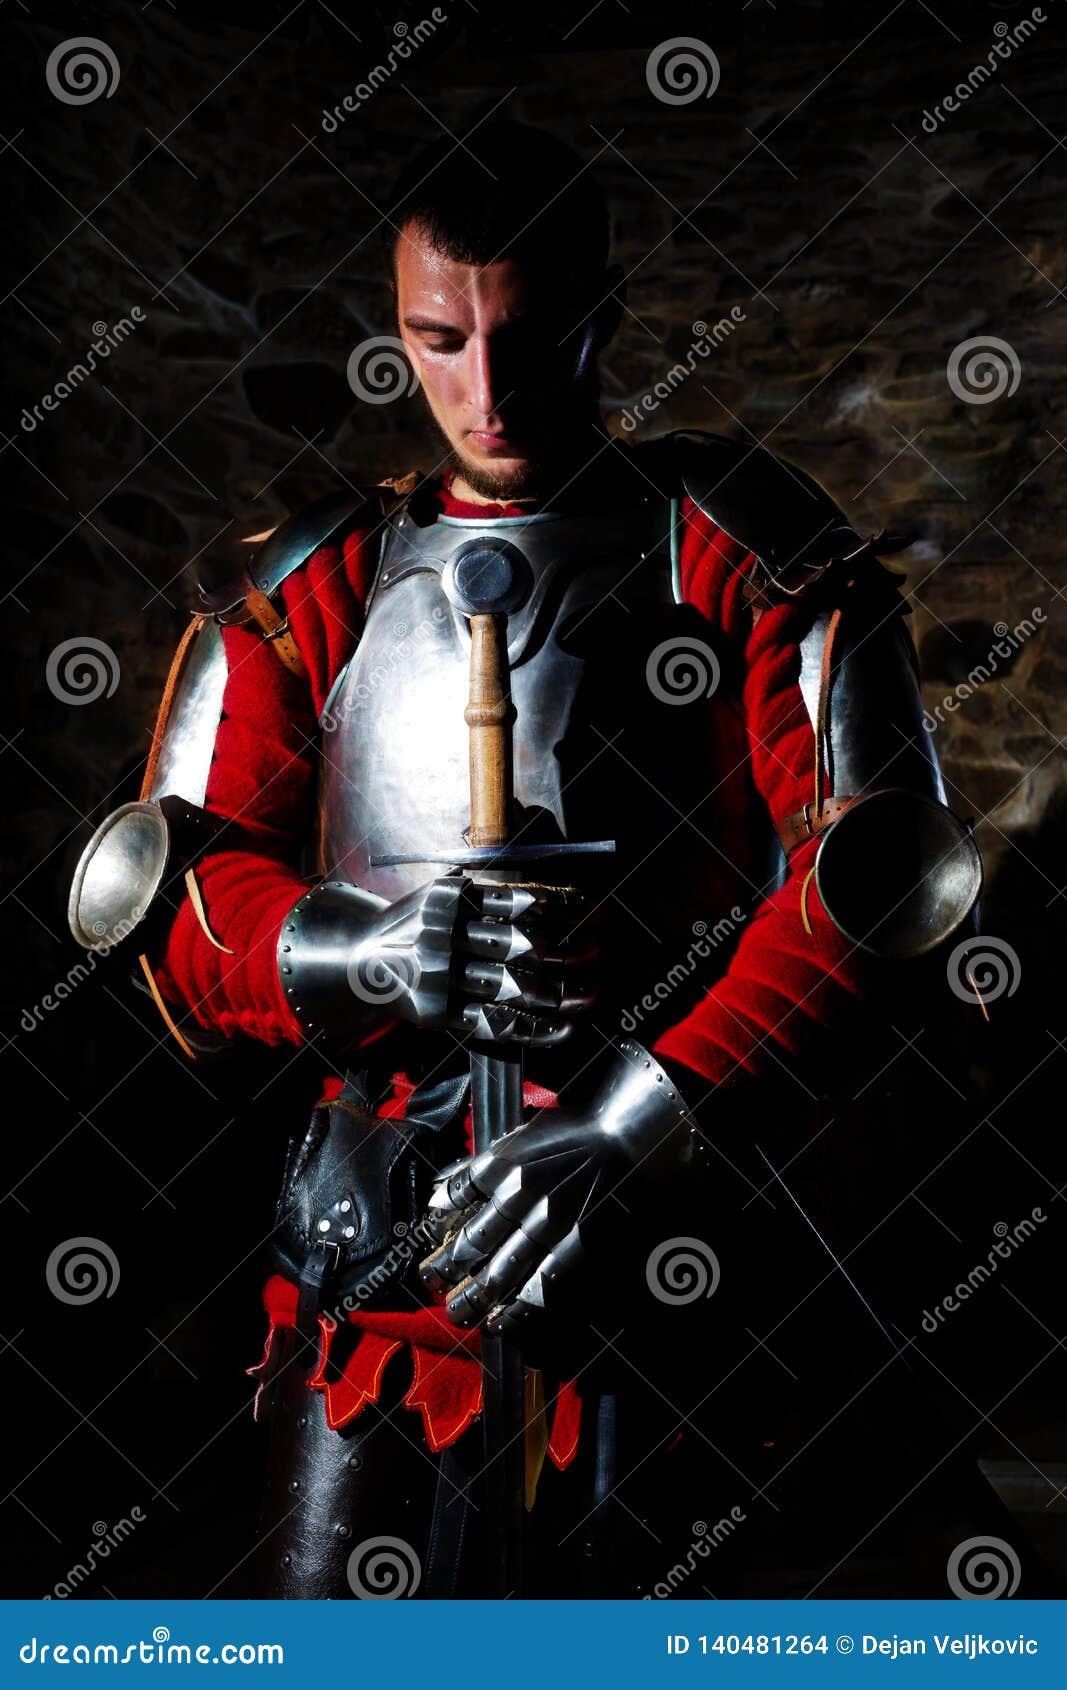 Ritter-Standing With Metal-Klinge und mit dem Kopf gebeugt im Gebet